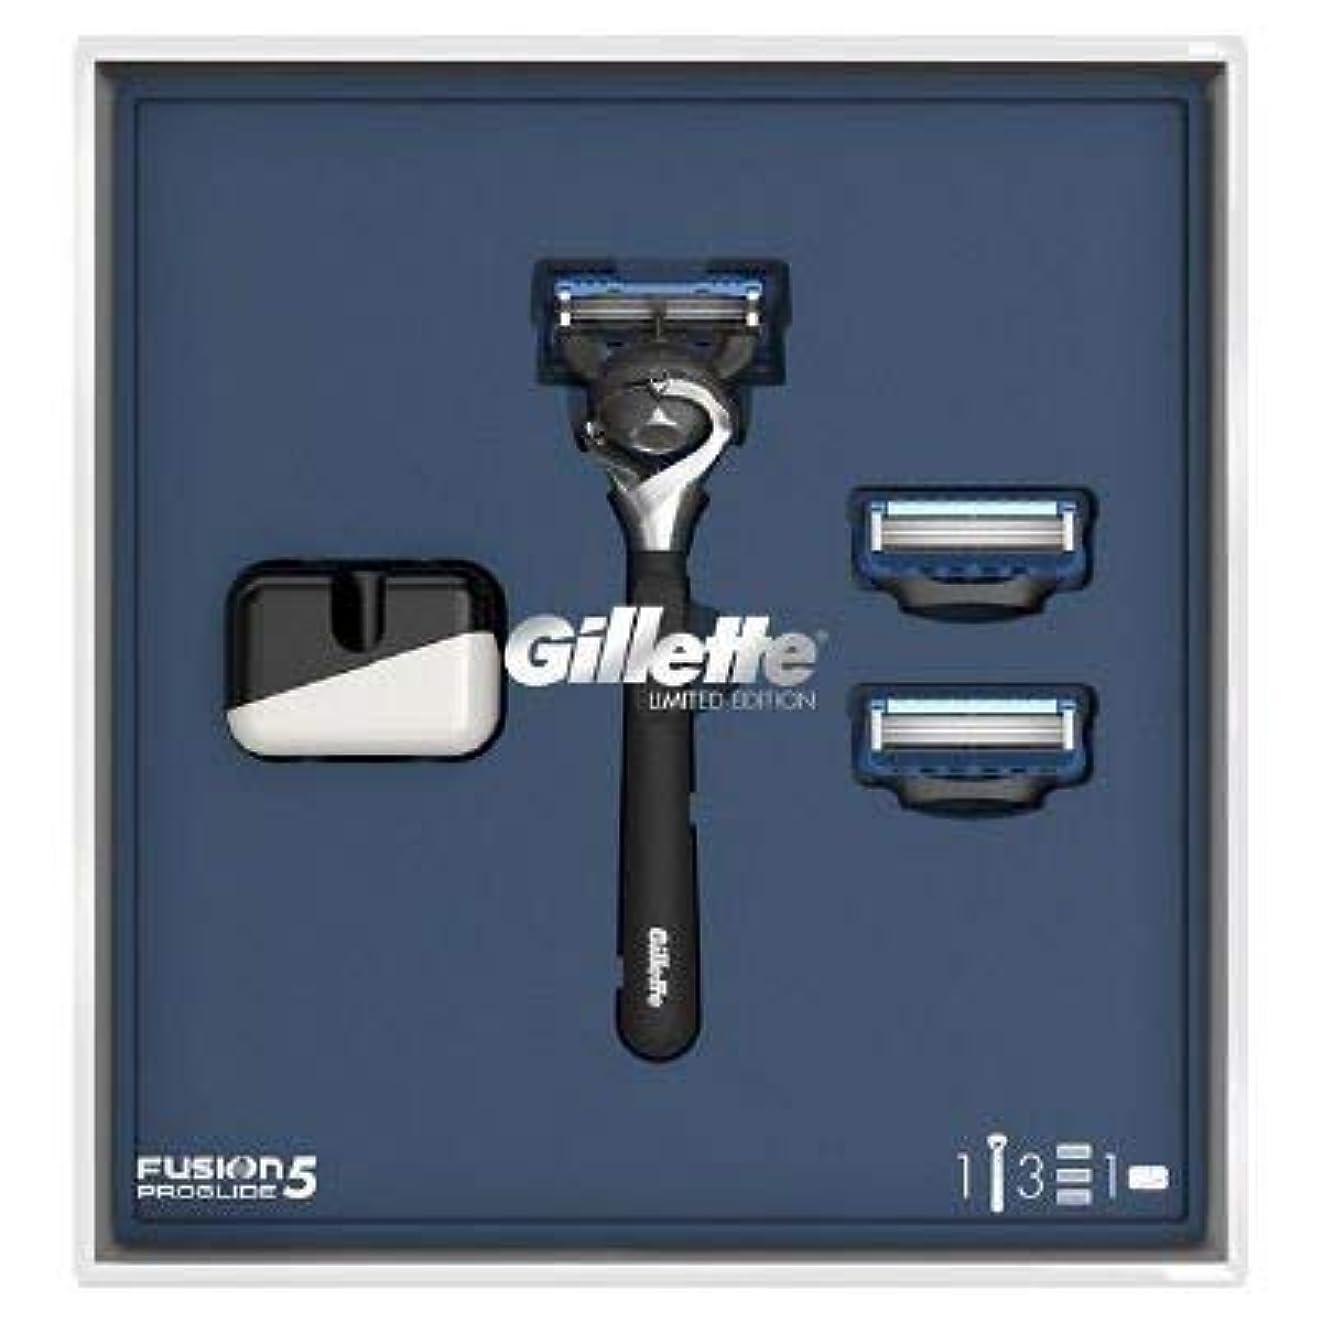 コンパス嬉しいです摩擦(ジレット)Gilette プログライド 髭剃り本体+替刃3個 オリジナルスタンド付き スペシャルパッケージ P&G